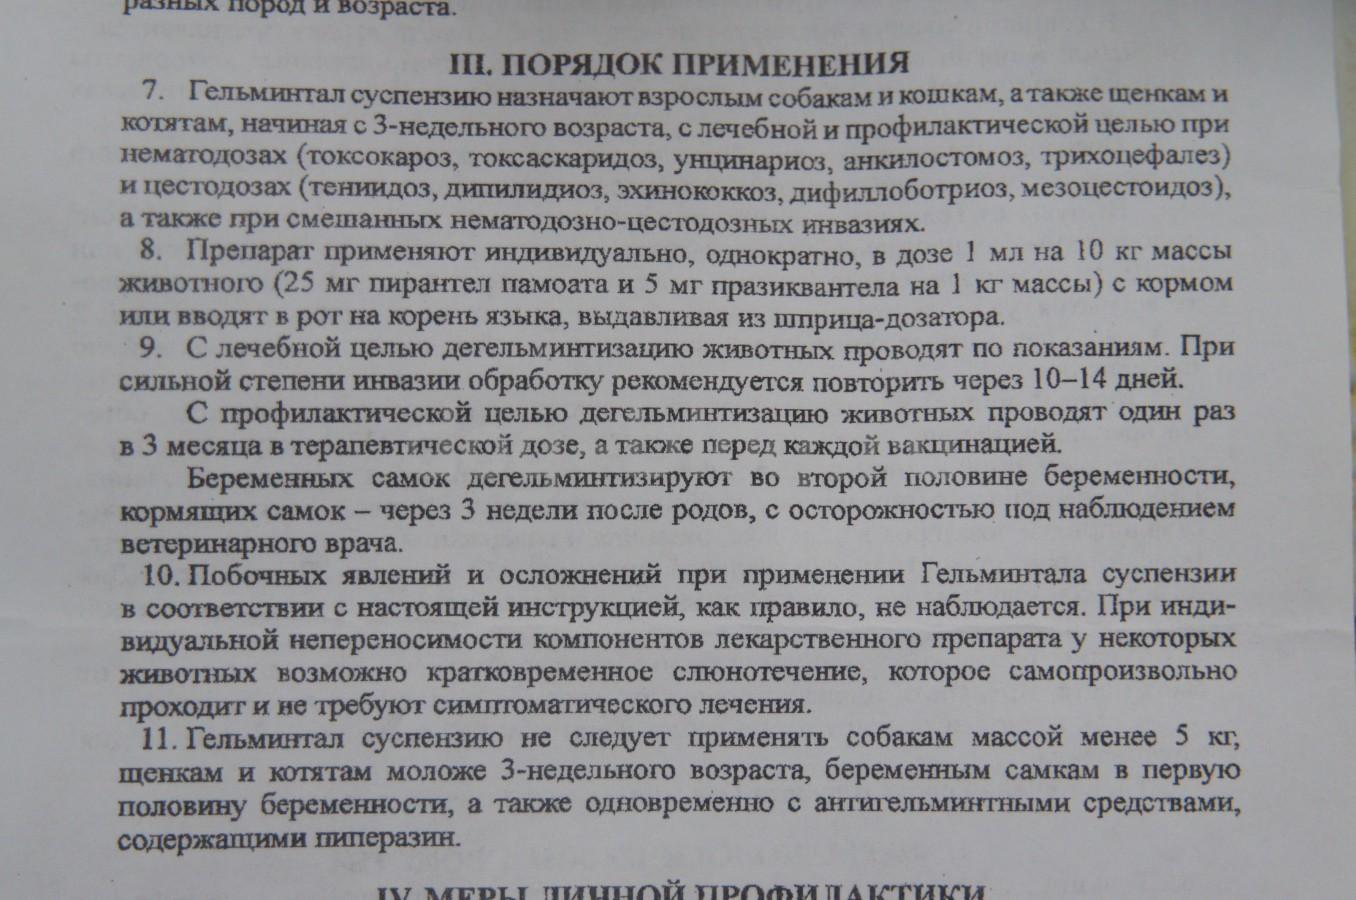 Гельминтал суспензия инструкция